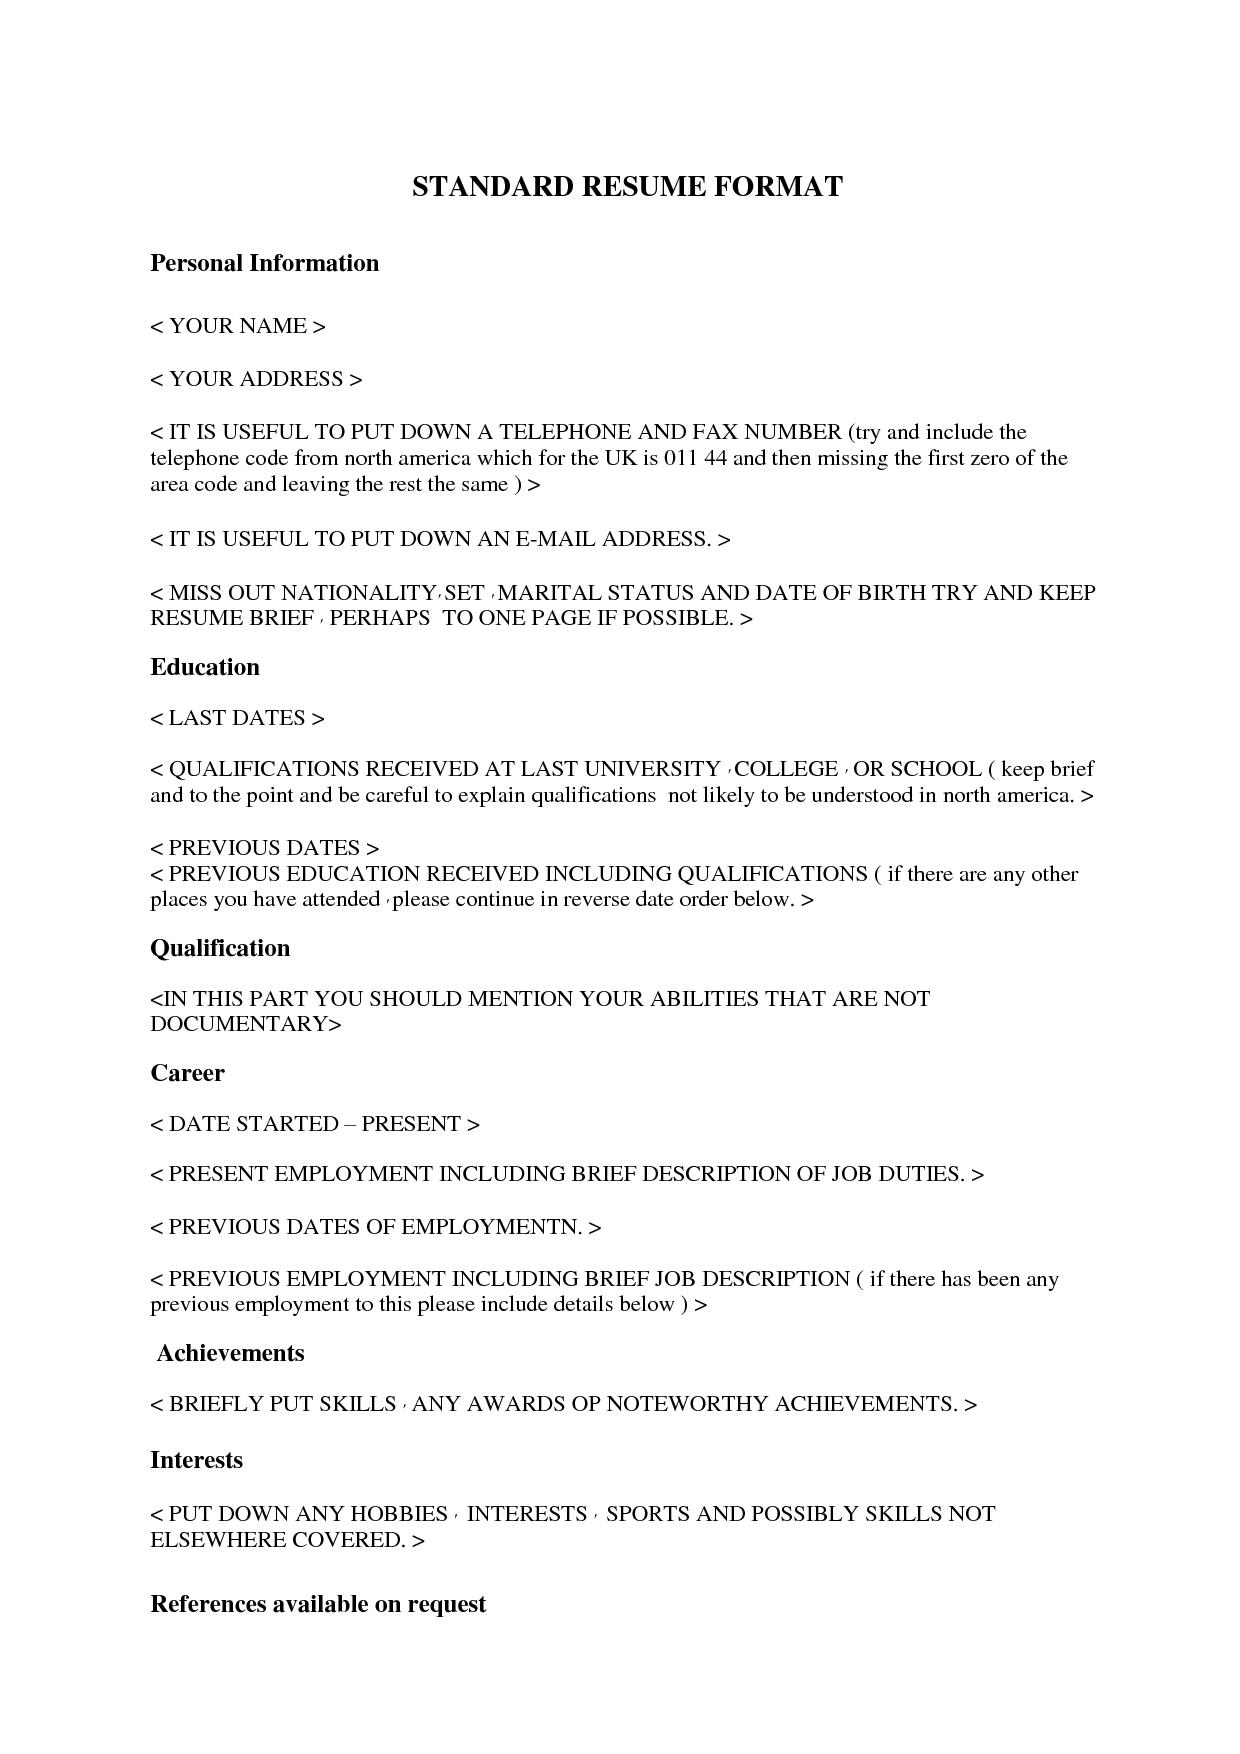 Cover letter help desk manager. Cover Letter Builder, a